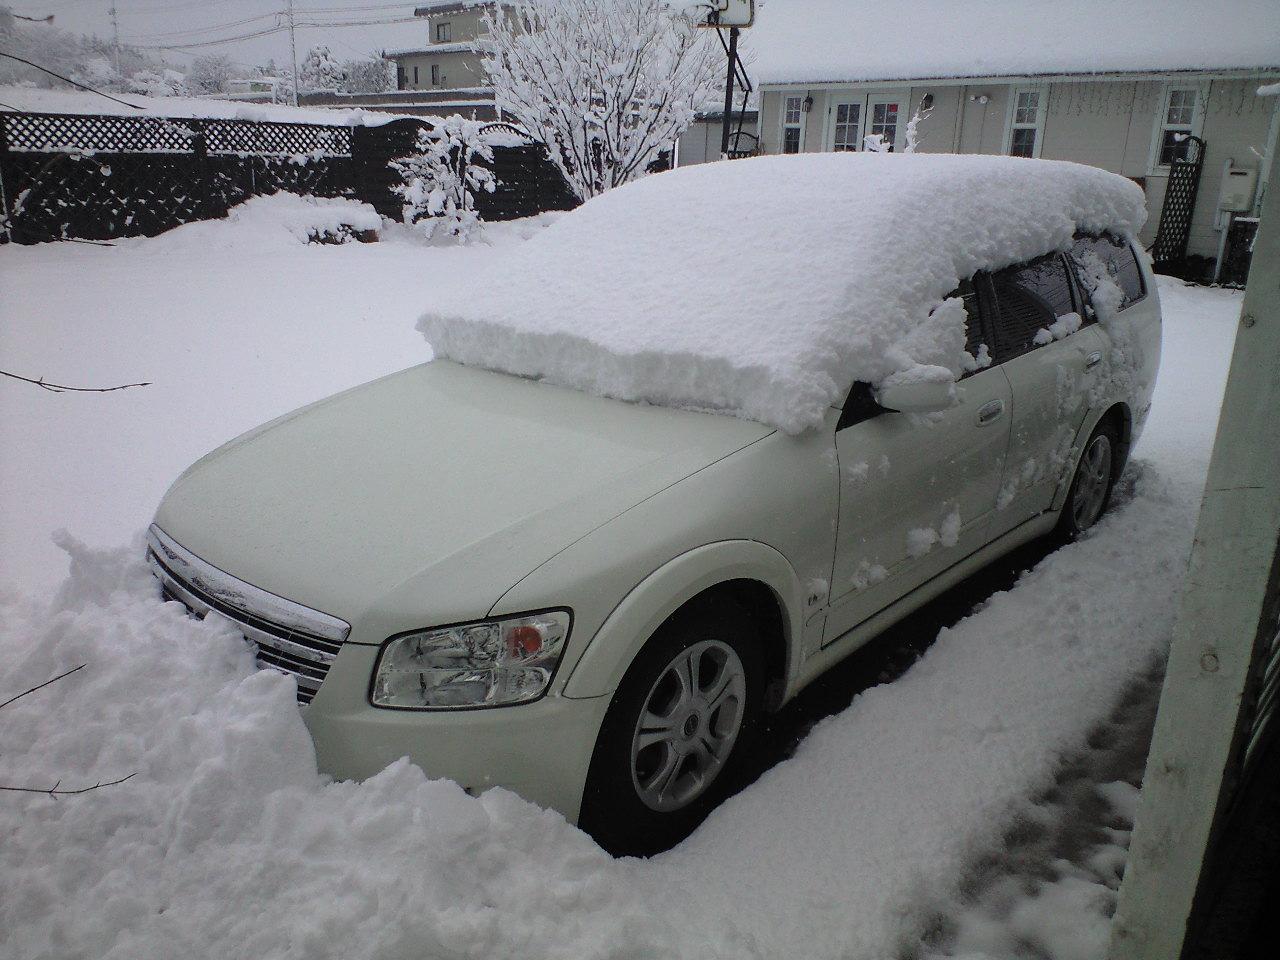 一夜で積雪、埋まってま〜す♪